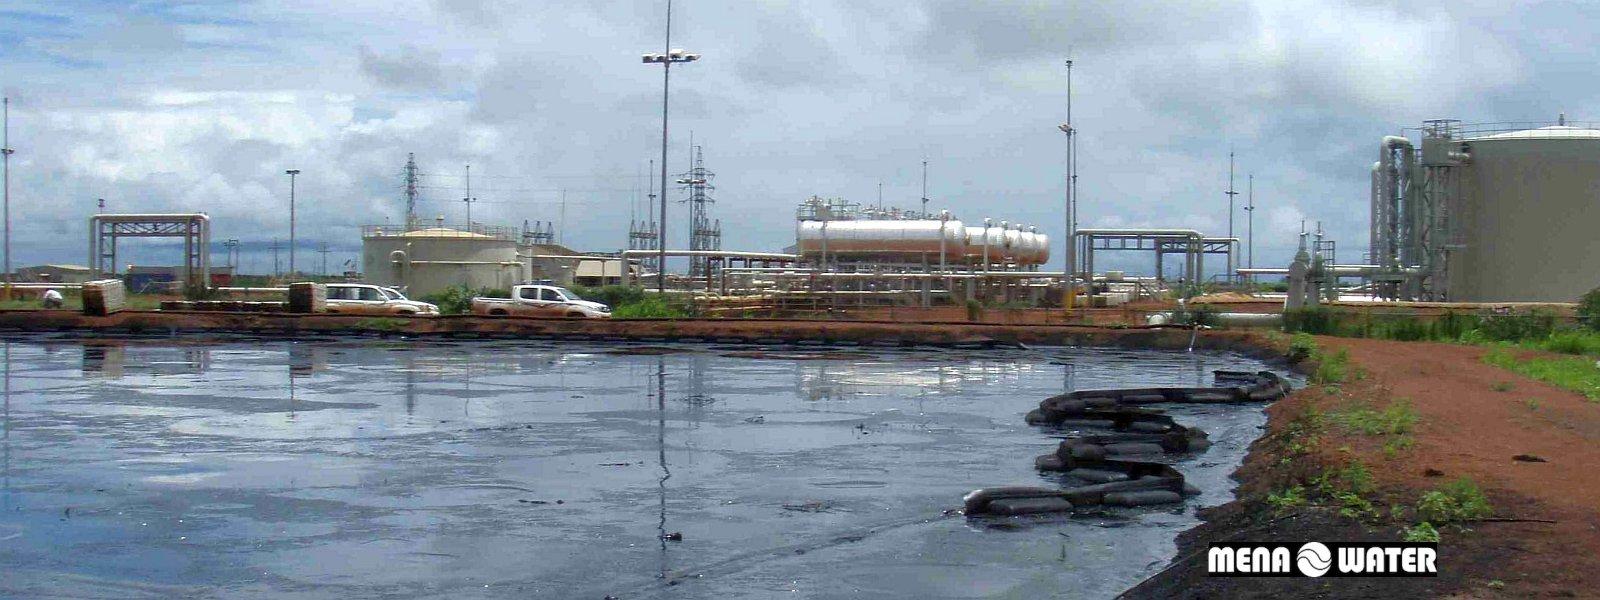 Traitement de l'eau de fracturation